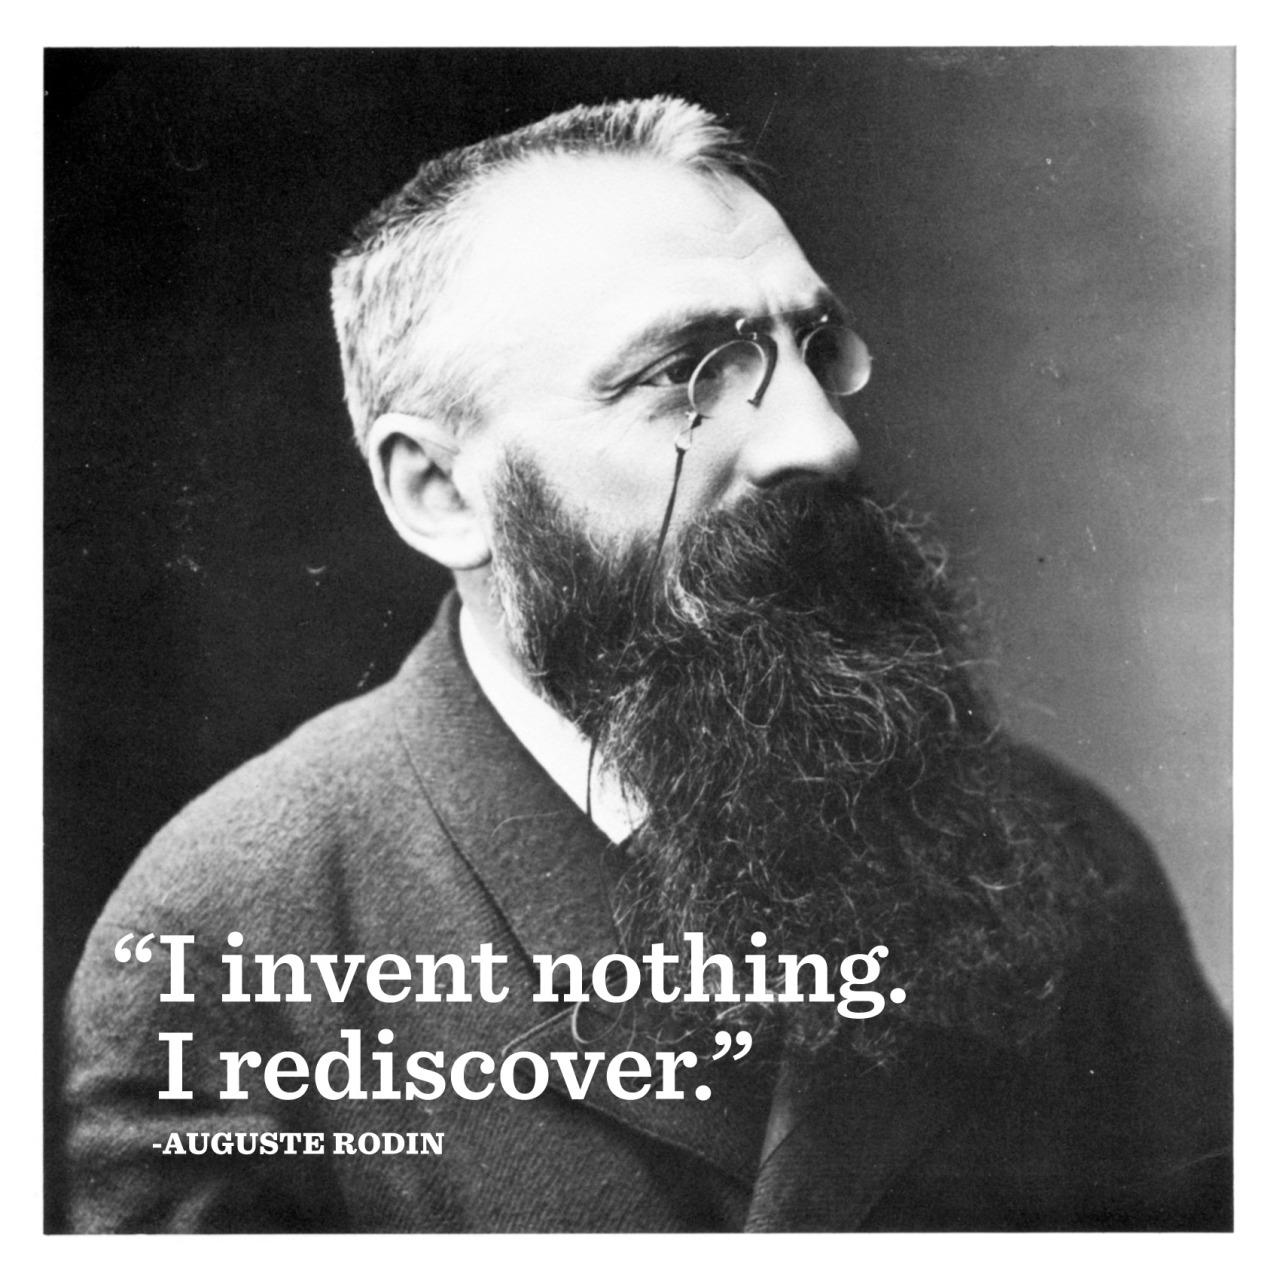 Auguste Rodin quote.